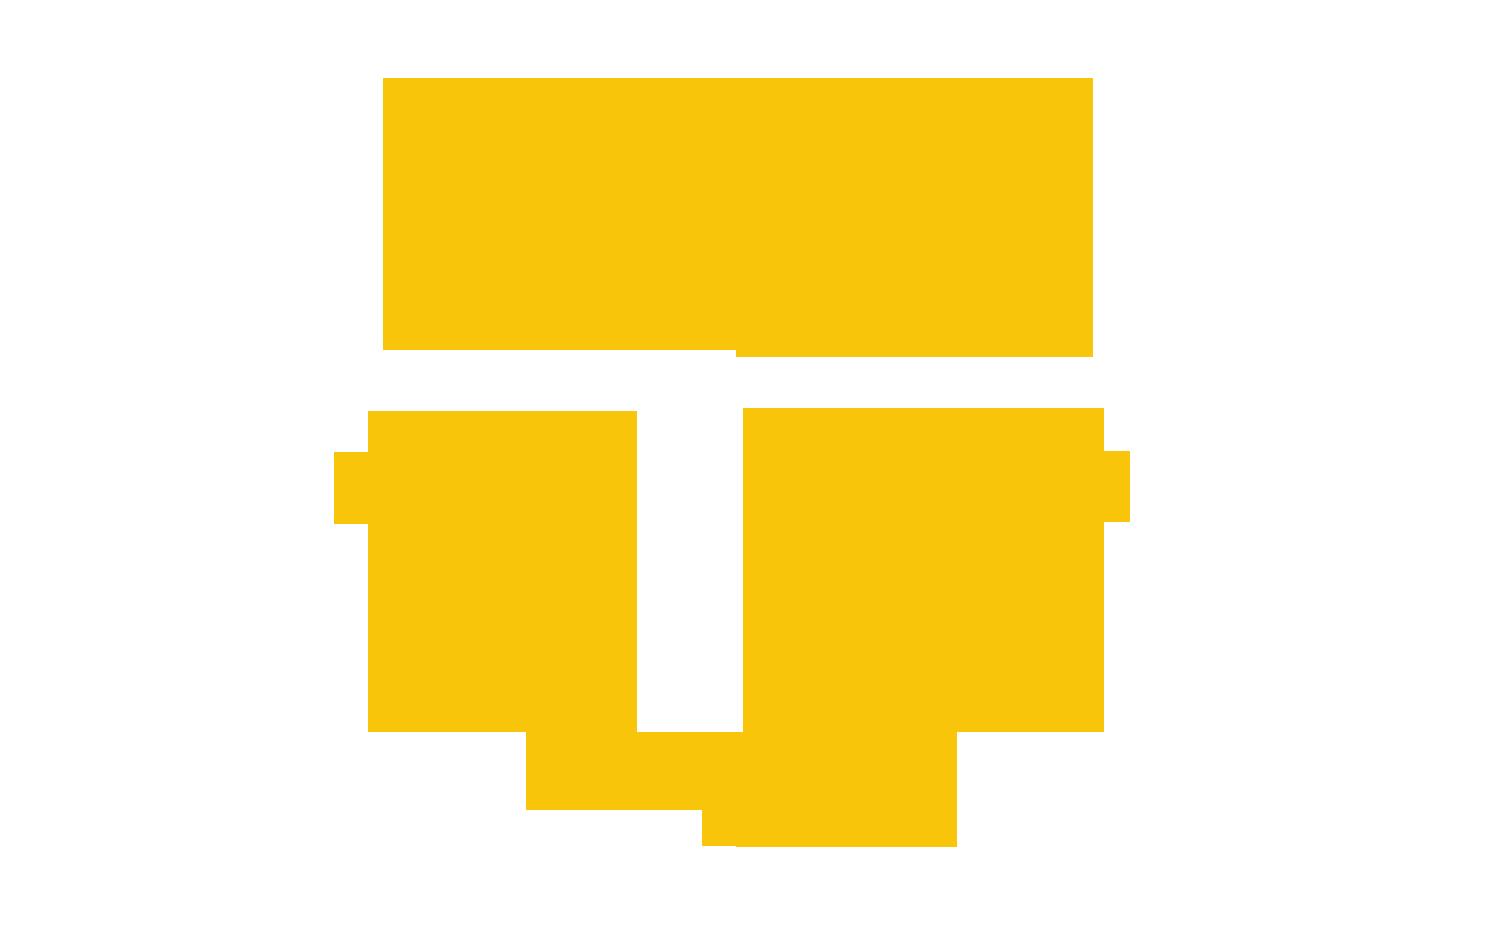 Eu Stars image #652